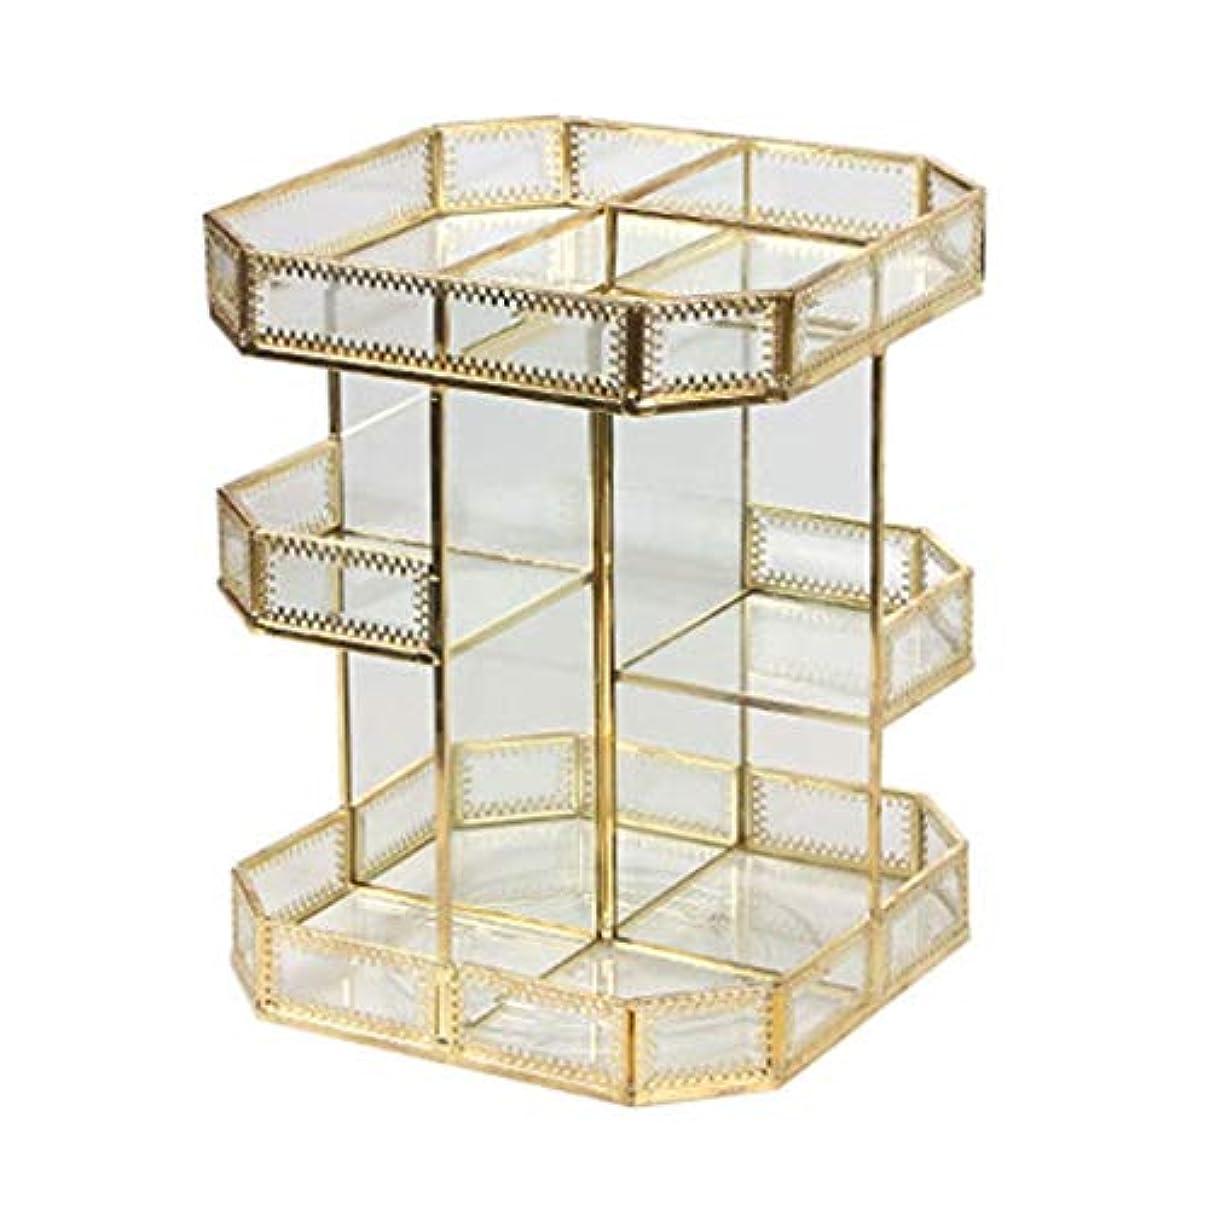 コンピューターゲームをプレイする第五魔術師化粧品収納ボックスガラス回転透明レトロメタルデスクトップドレッシングテーブルスキンケアラック最高の贈り物 (Color : GOLD, Size : 21.7*21.7*28.2CM)